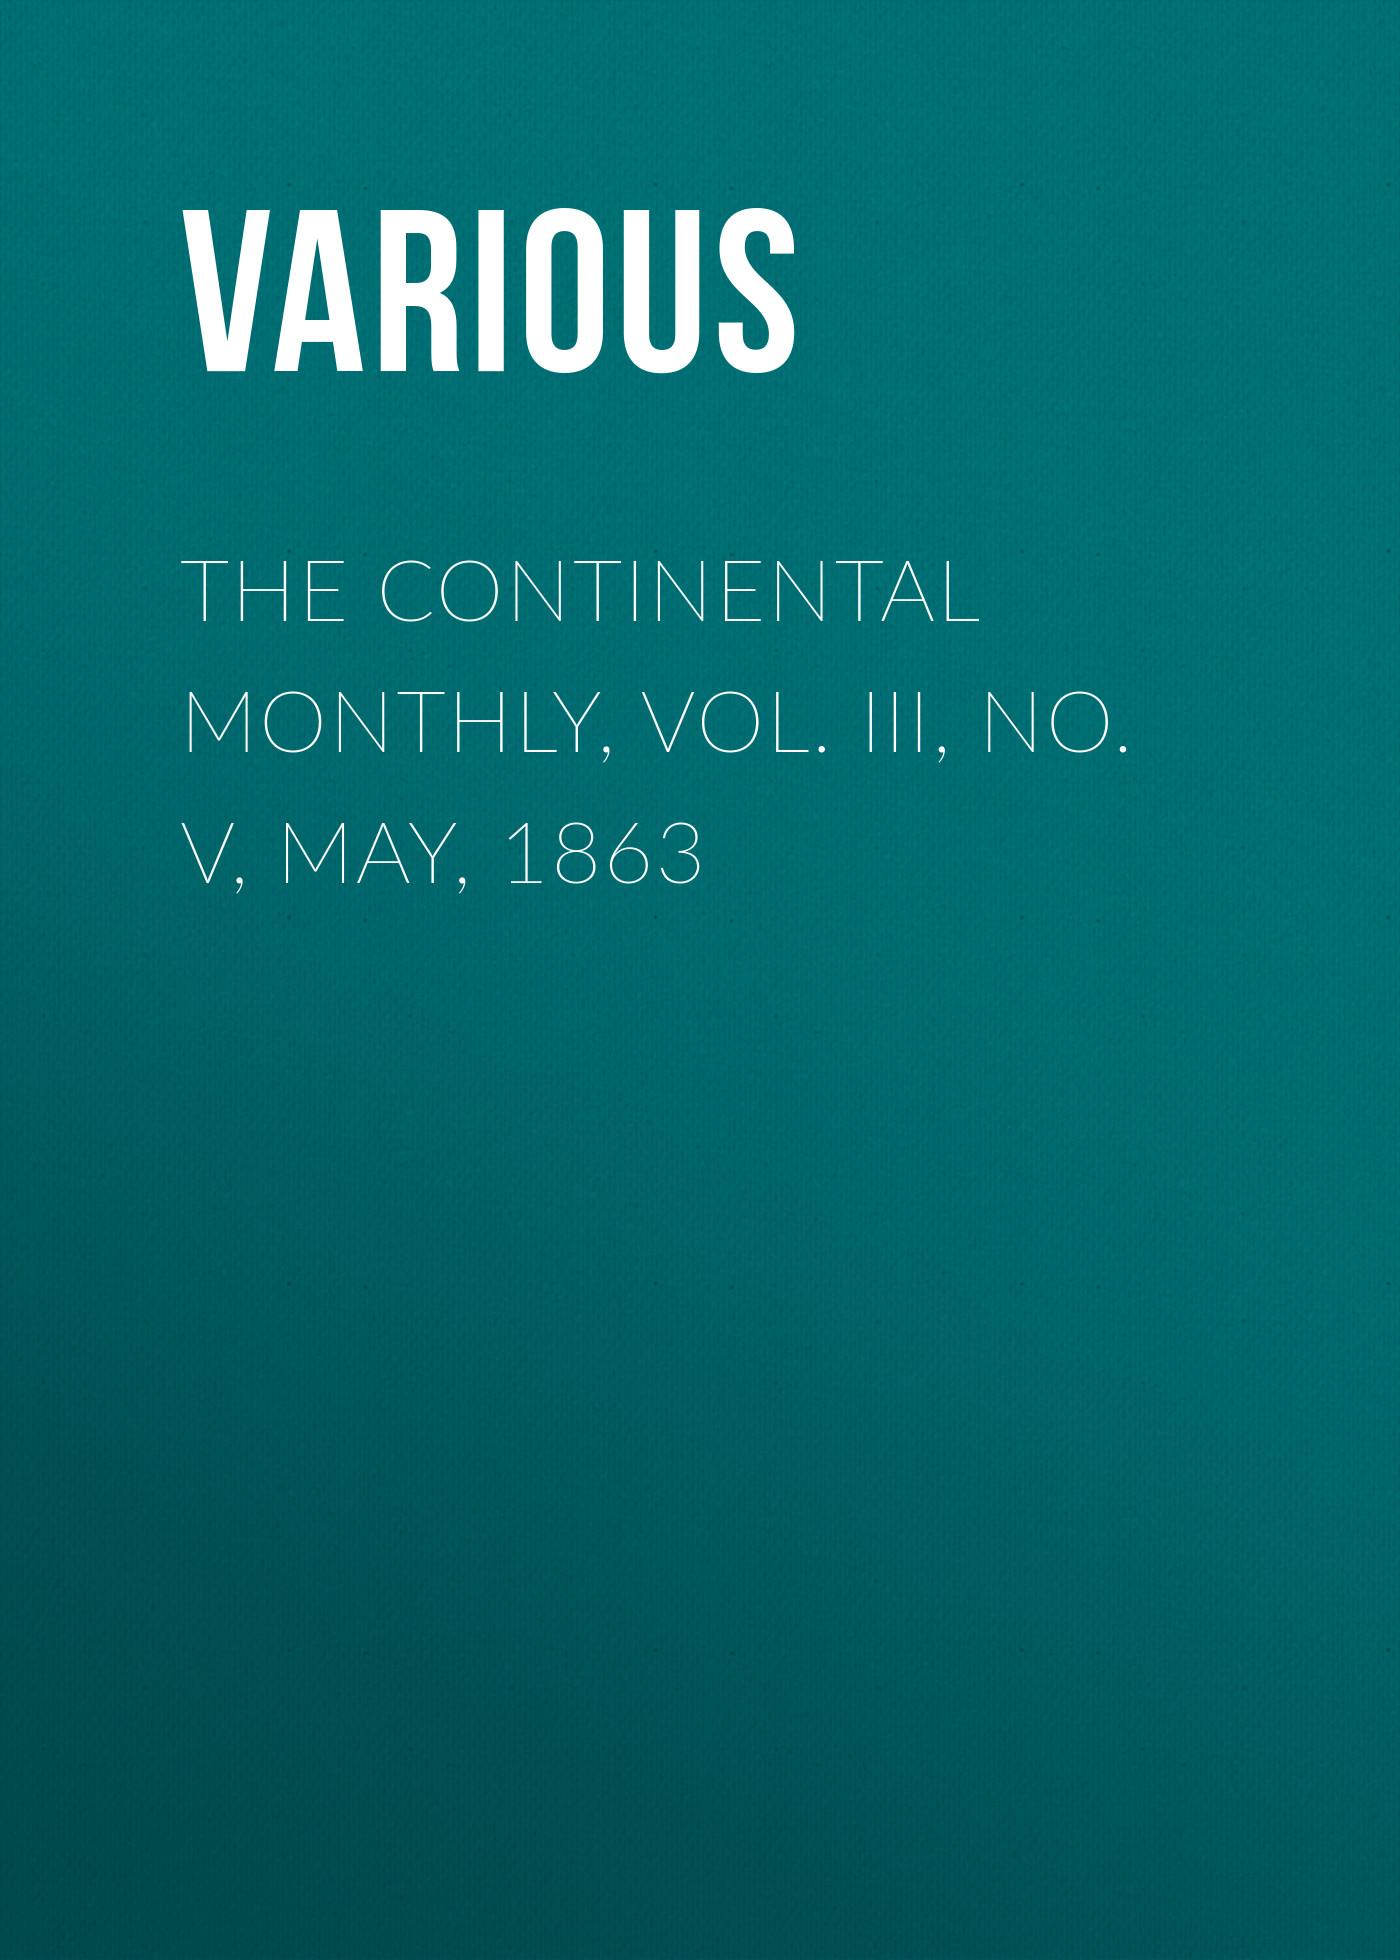 Various The Continental Monthly, Vol. III, No. V, May, 1863 mauro palumbo tabula risa vol iii